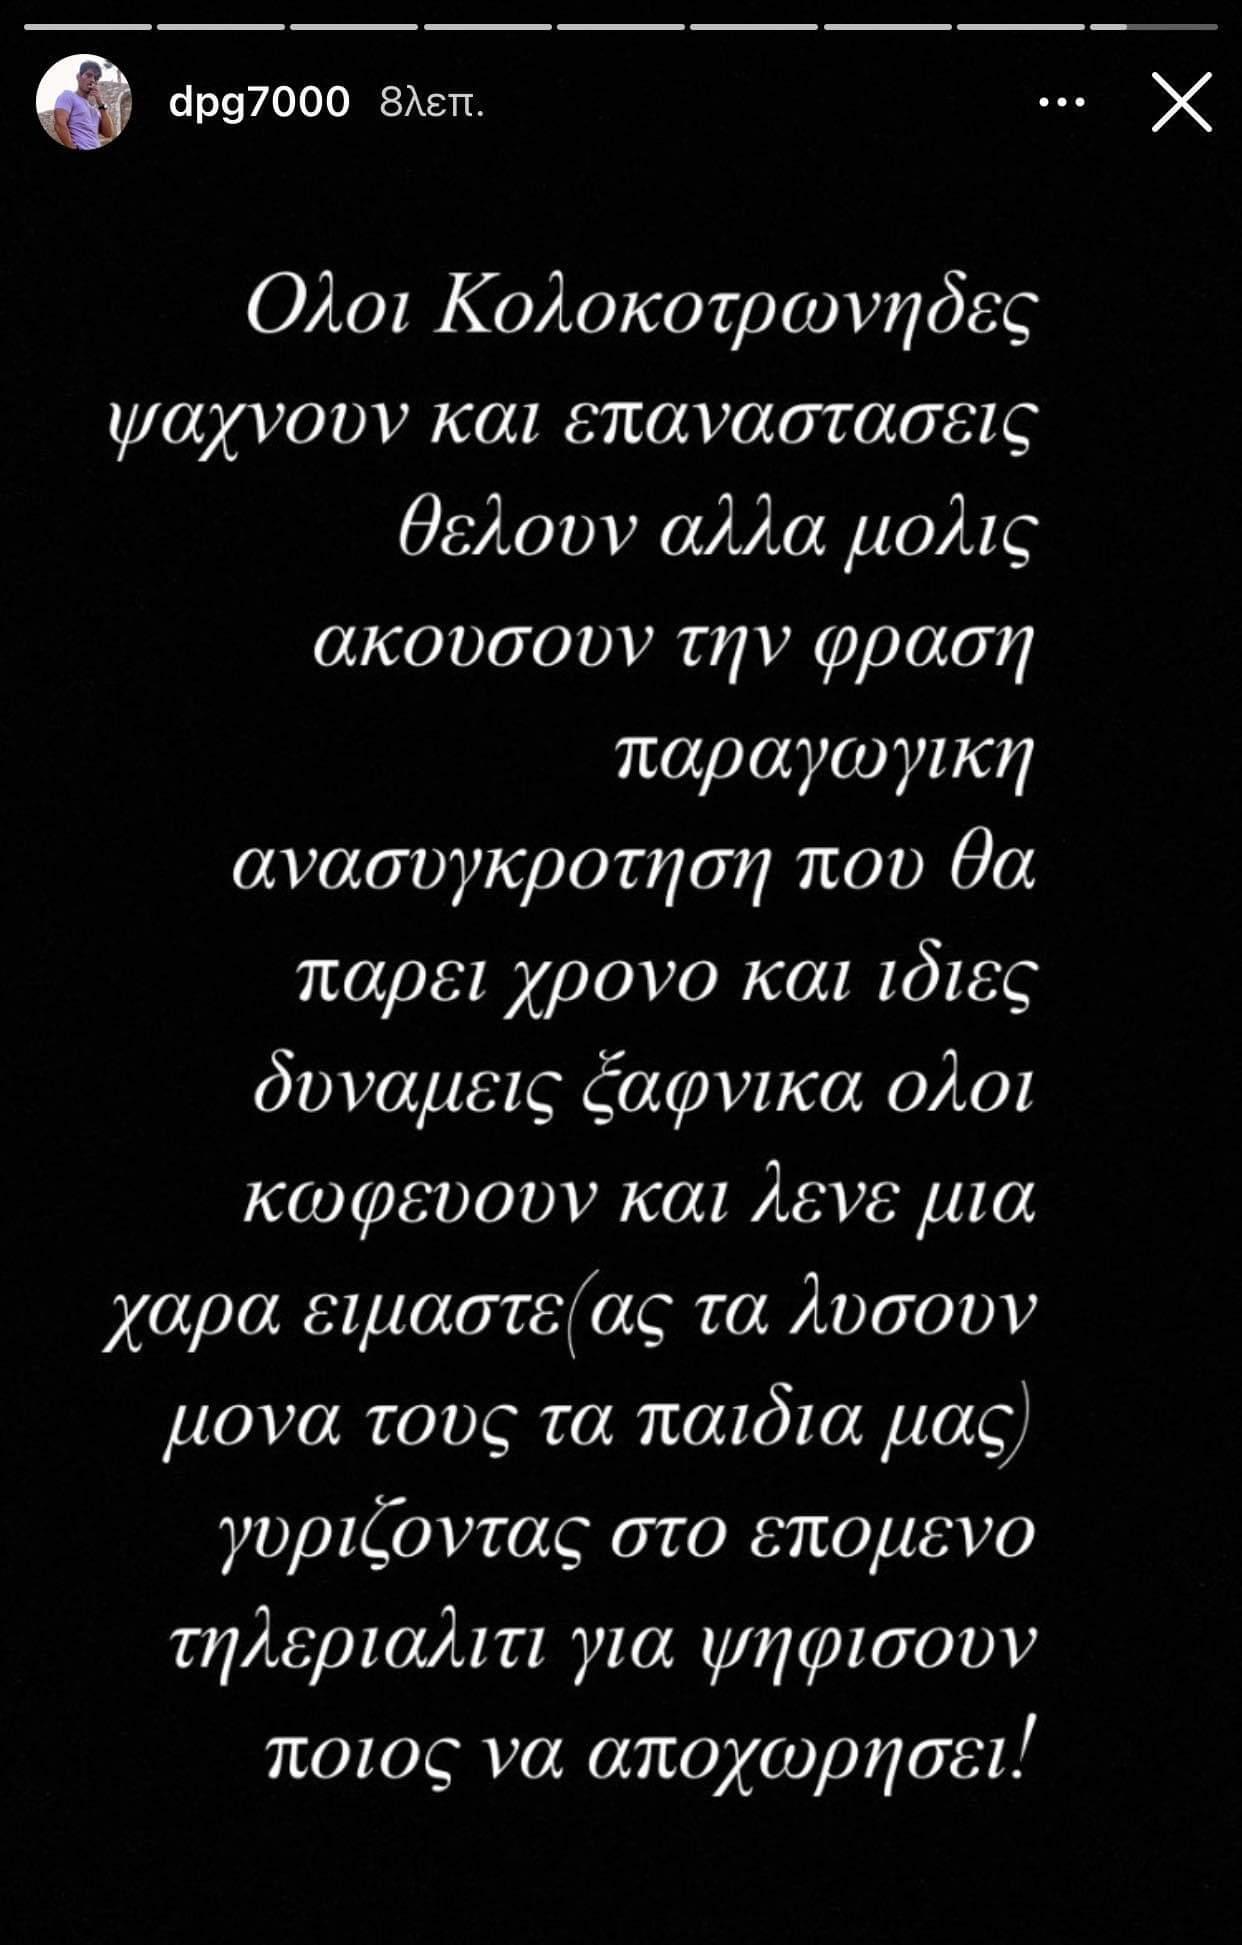 Γιαννακόπουλος: «Όλοι οι Κολοκοτρώνηδες ψάχνουν επαναστάσεις και μετά, βλέπουν τηλεριάλιτι!»